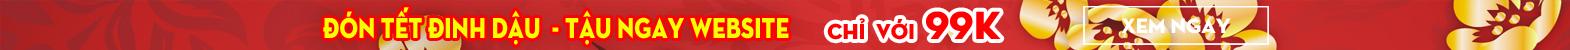 Thiết kế web Nha Trang giá rẻ